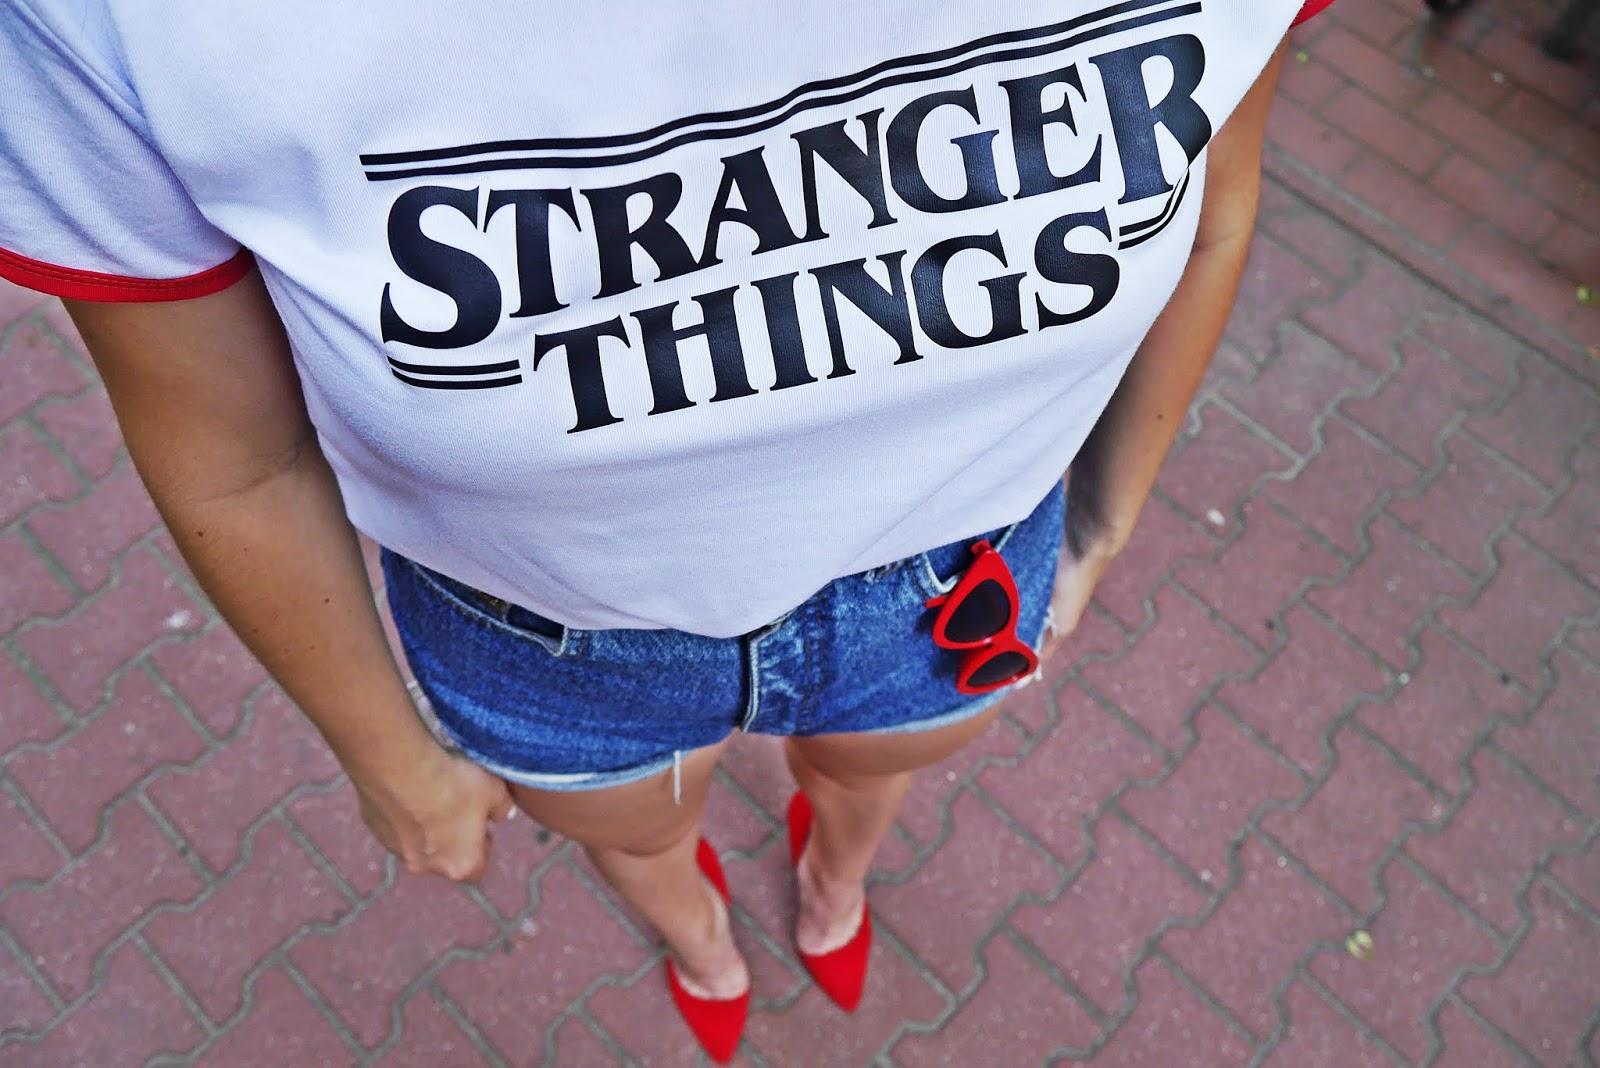 3_stranger_things_t-shirt_szorty_z-wysokim_stanem_czerwone_okulary_trojkaty_karyn_blog_modowy_040618